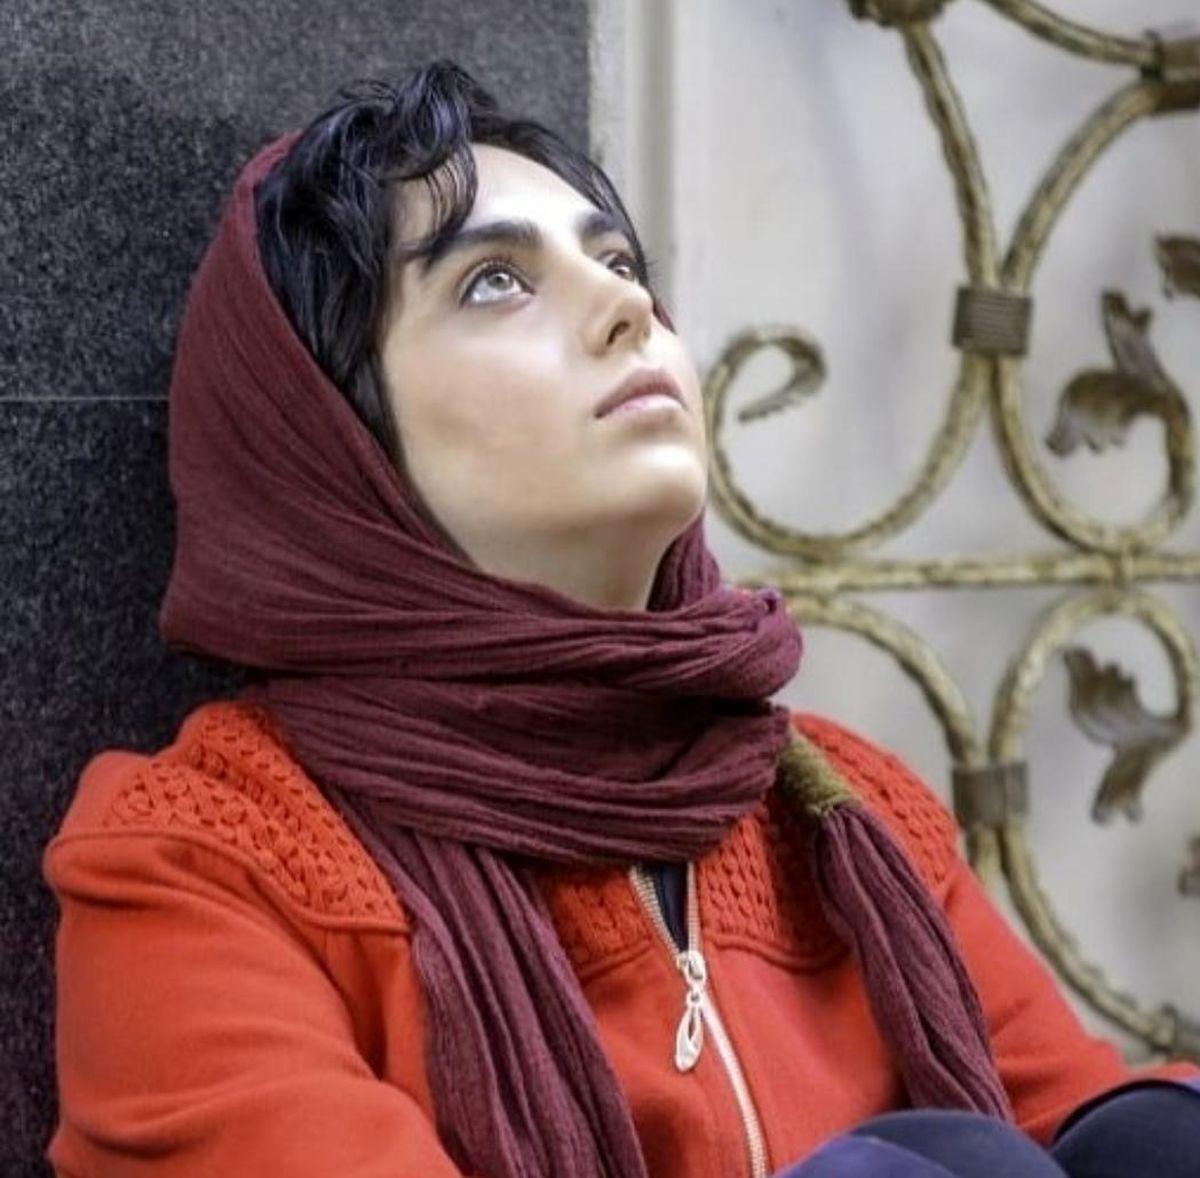 بیوگرافی مهشید جوادی بازیگر سریال بچه مهندس 3 + تصاویر